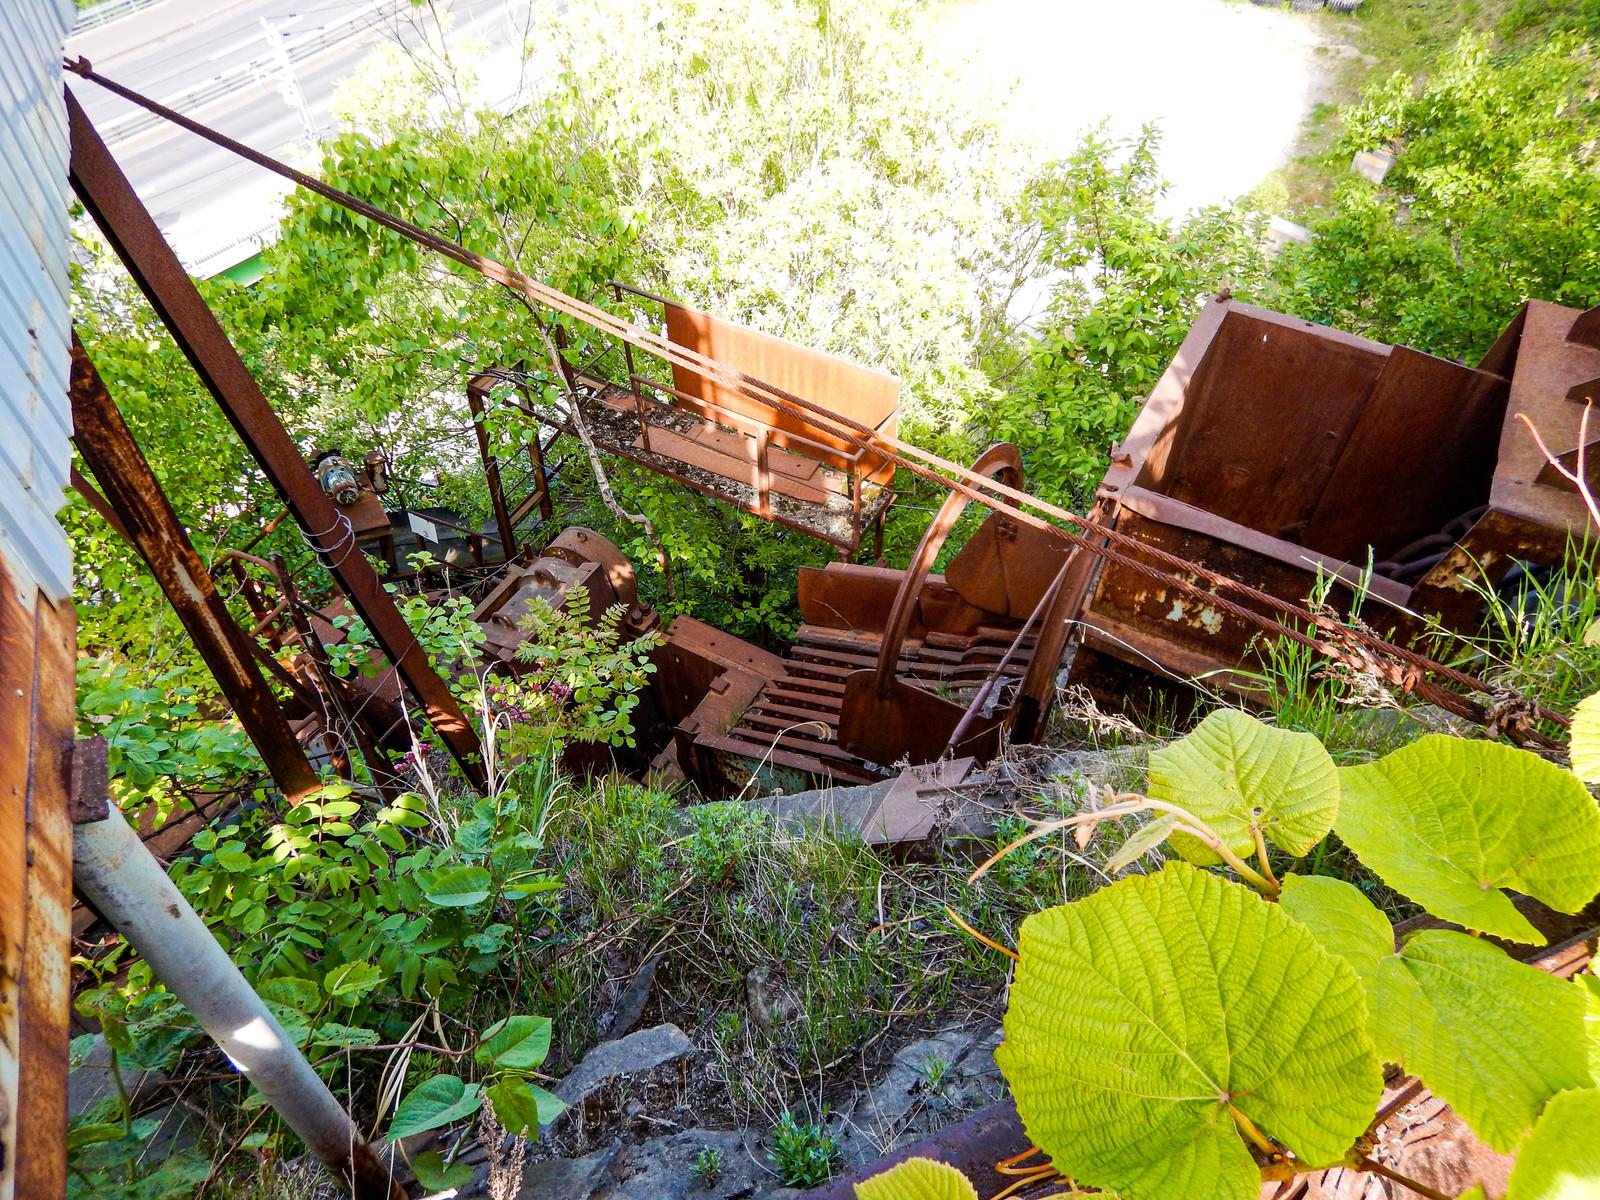 「北海道の廃採石場にある錆付いた設備」の写真